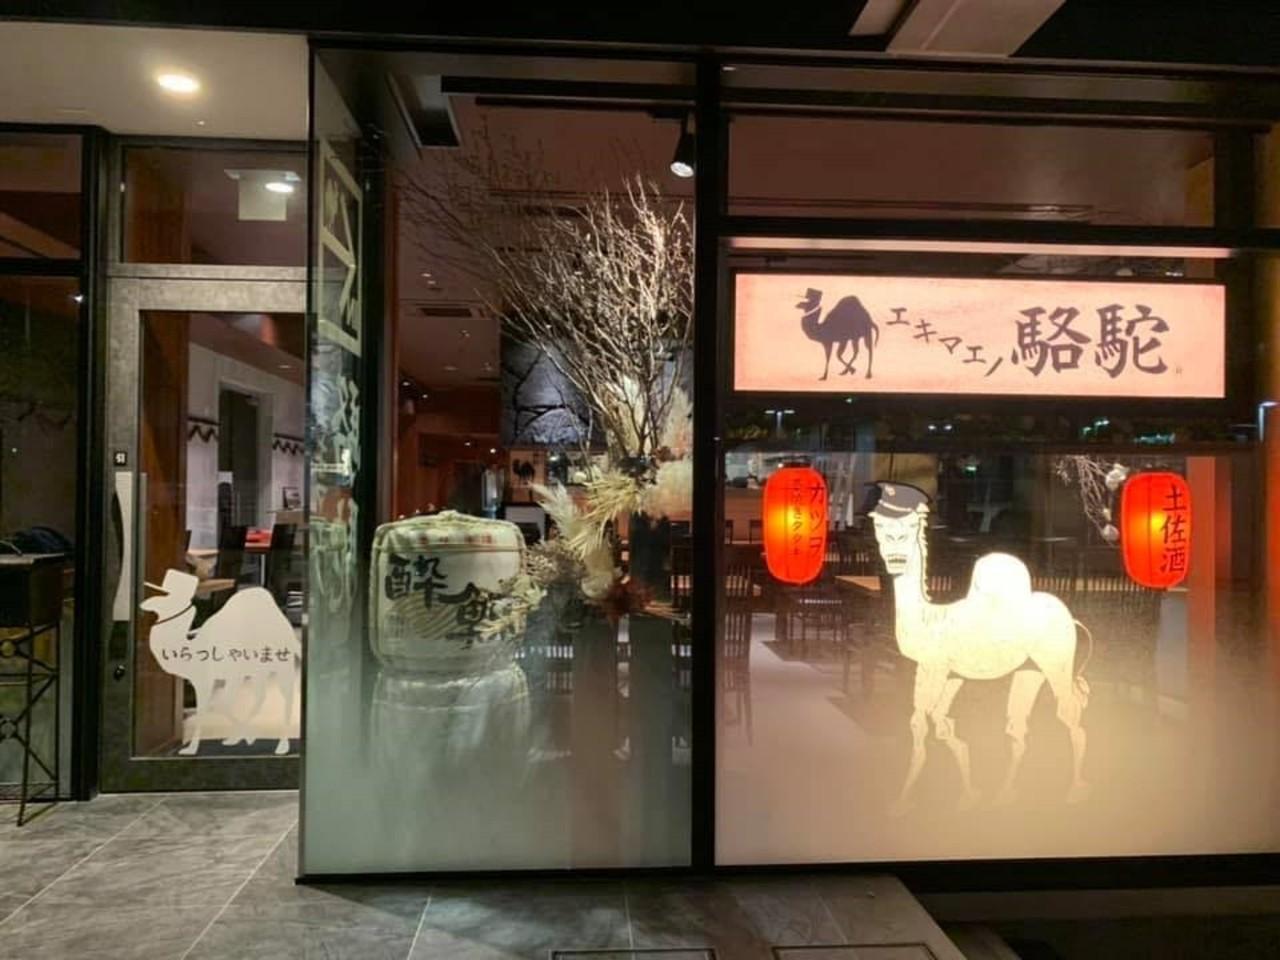 高知県高知市のJRクレメントイン高知1Fに「エキマエノ駱駝」が11/28グランドオープンのようです。